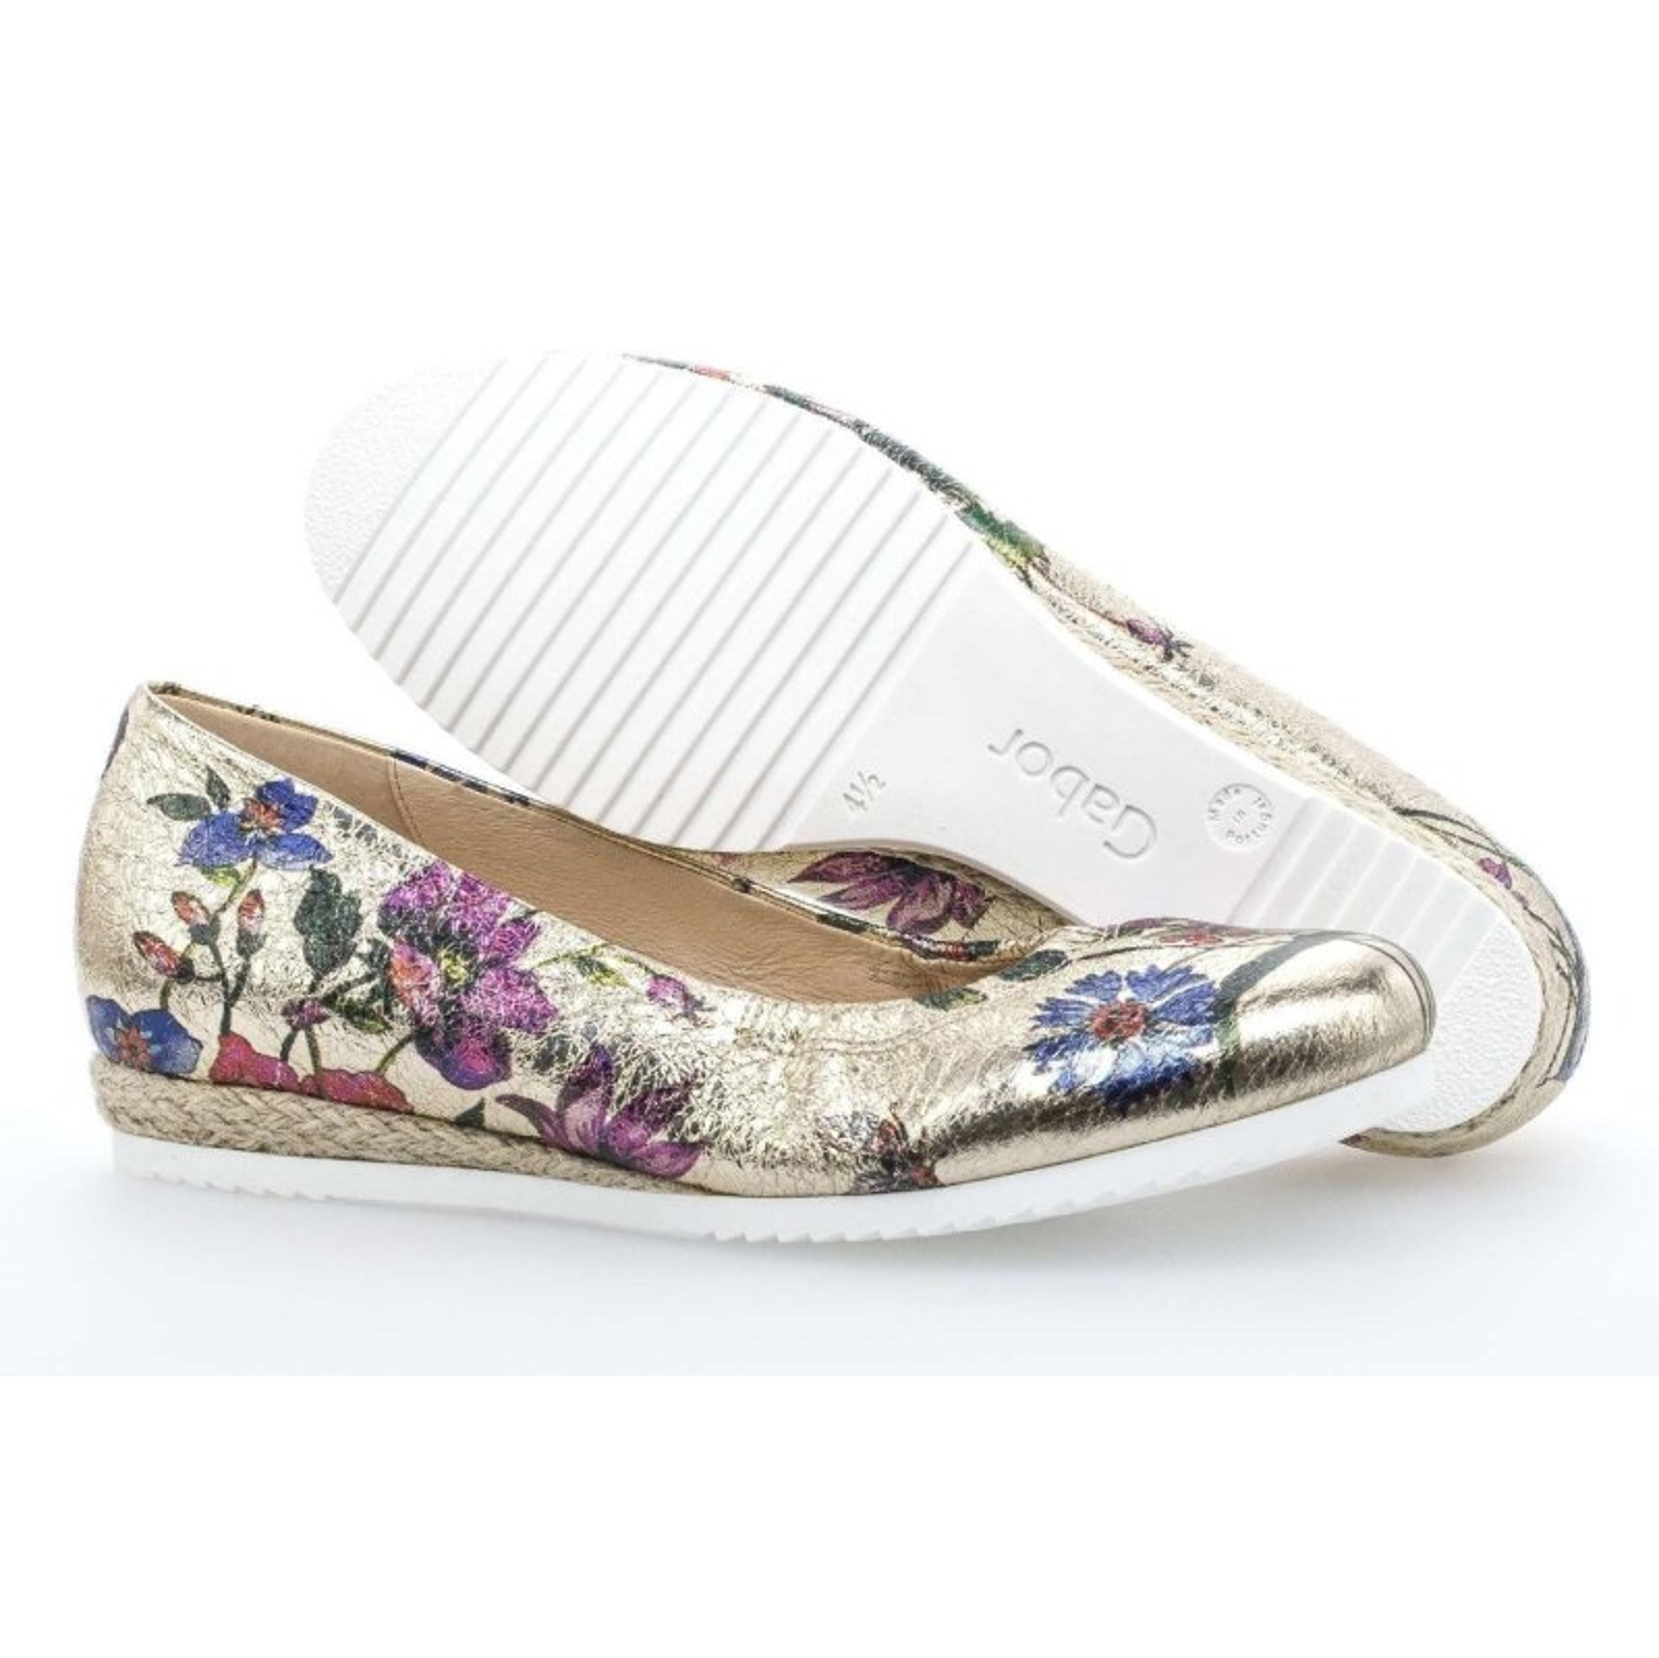 کفش زنانه گابور مدل 82.600.82